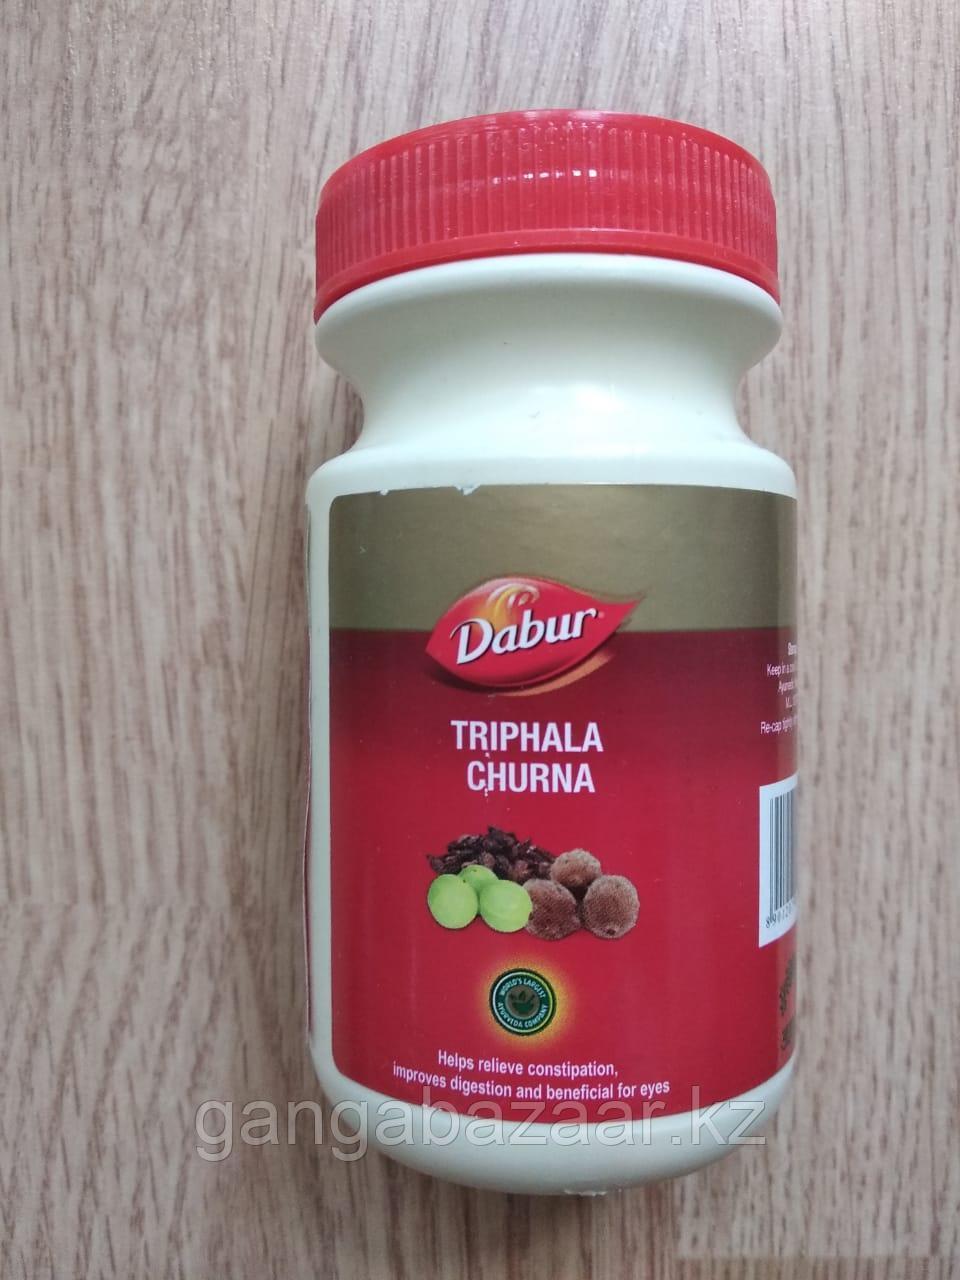 Трифала чурна (Triphala Churna Dabur) -  для ЖКТ, кожи,очищение прямой кишки, оздоровление, 120 гр